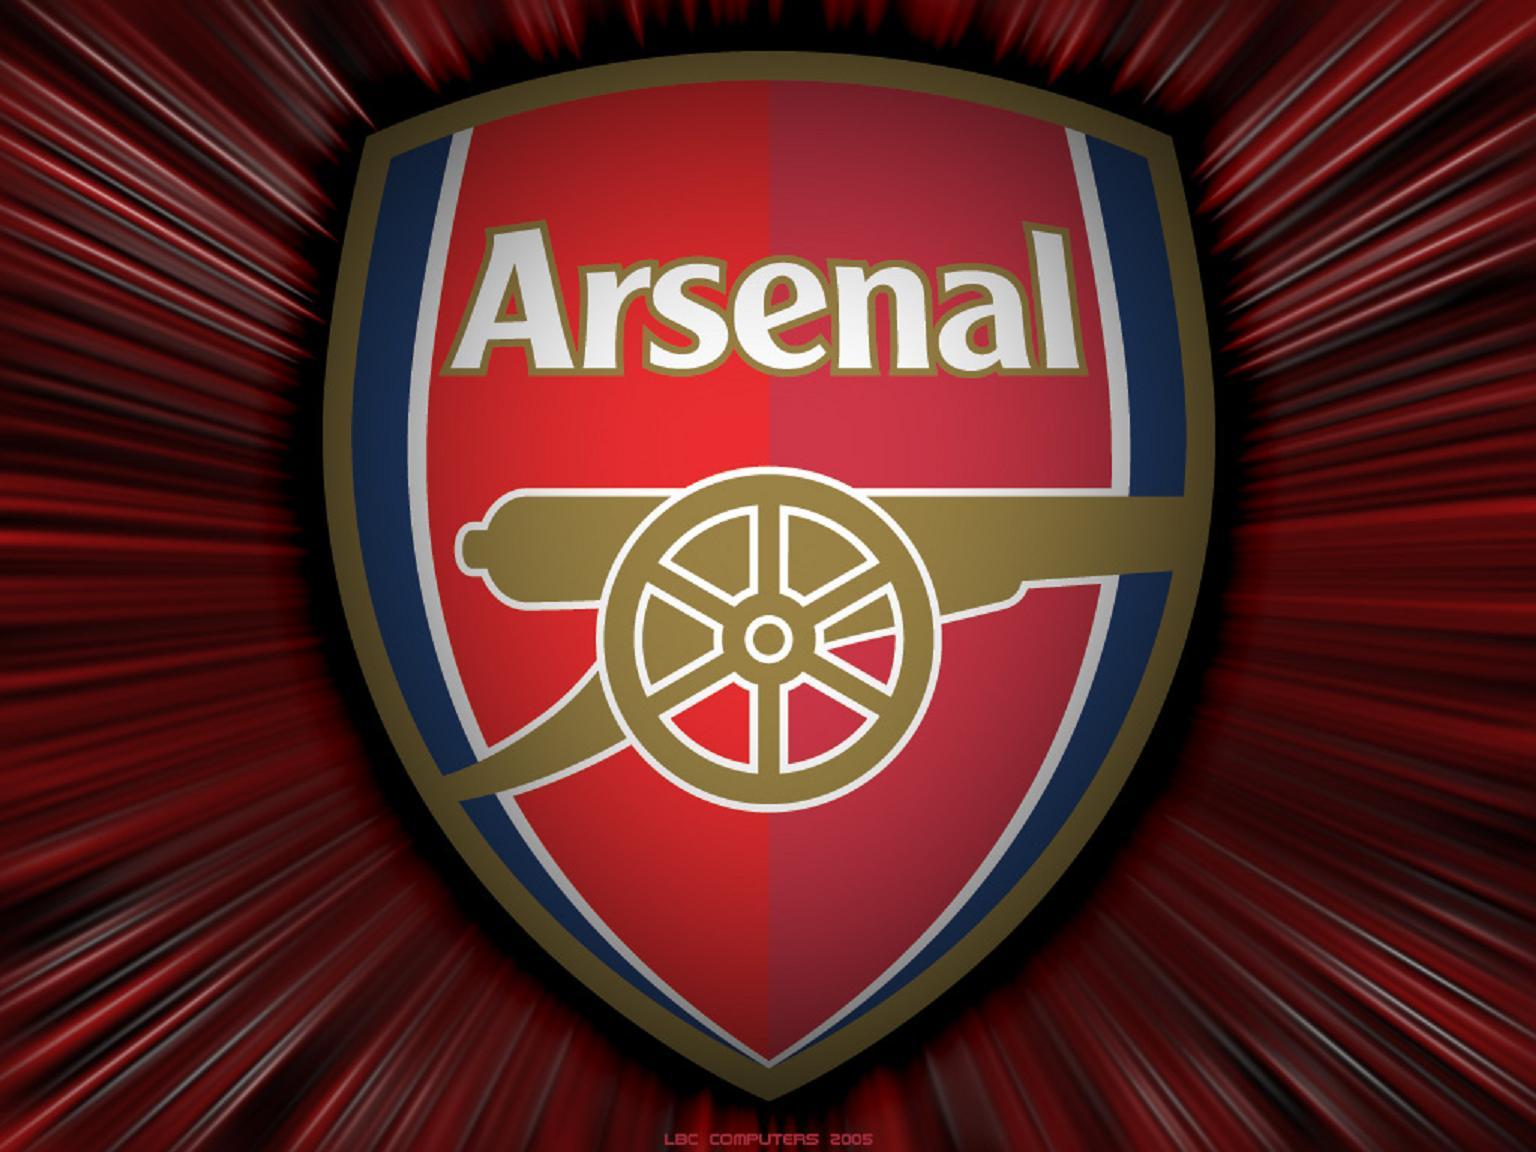 Papel De Parede Do Arsenal Wallpaper Papel E